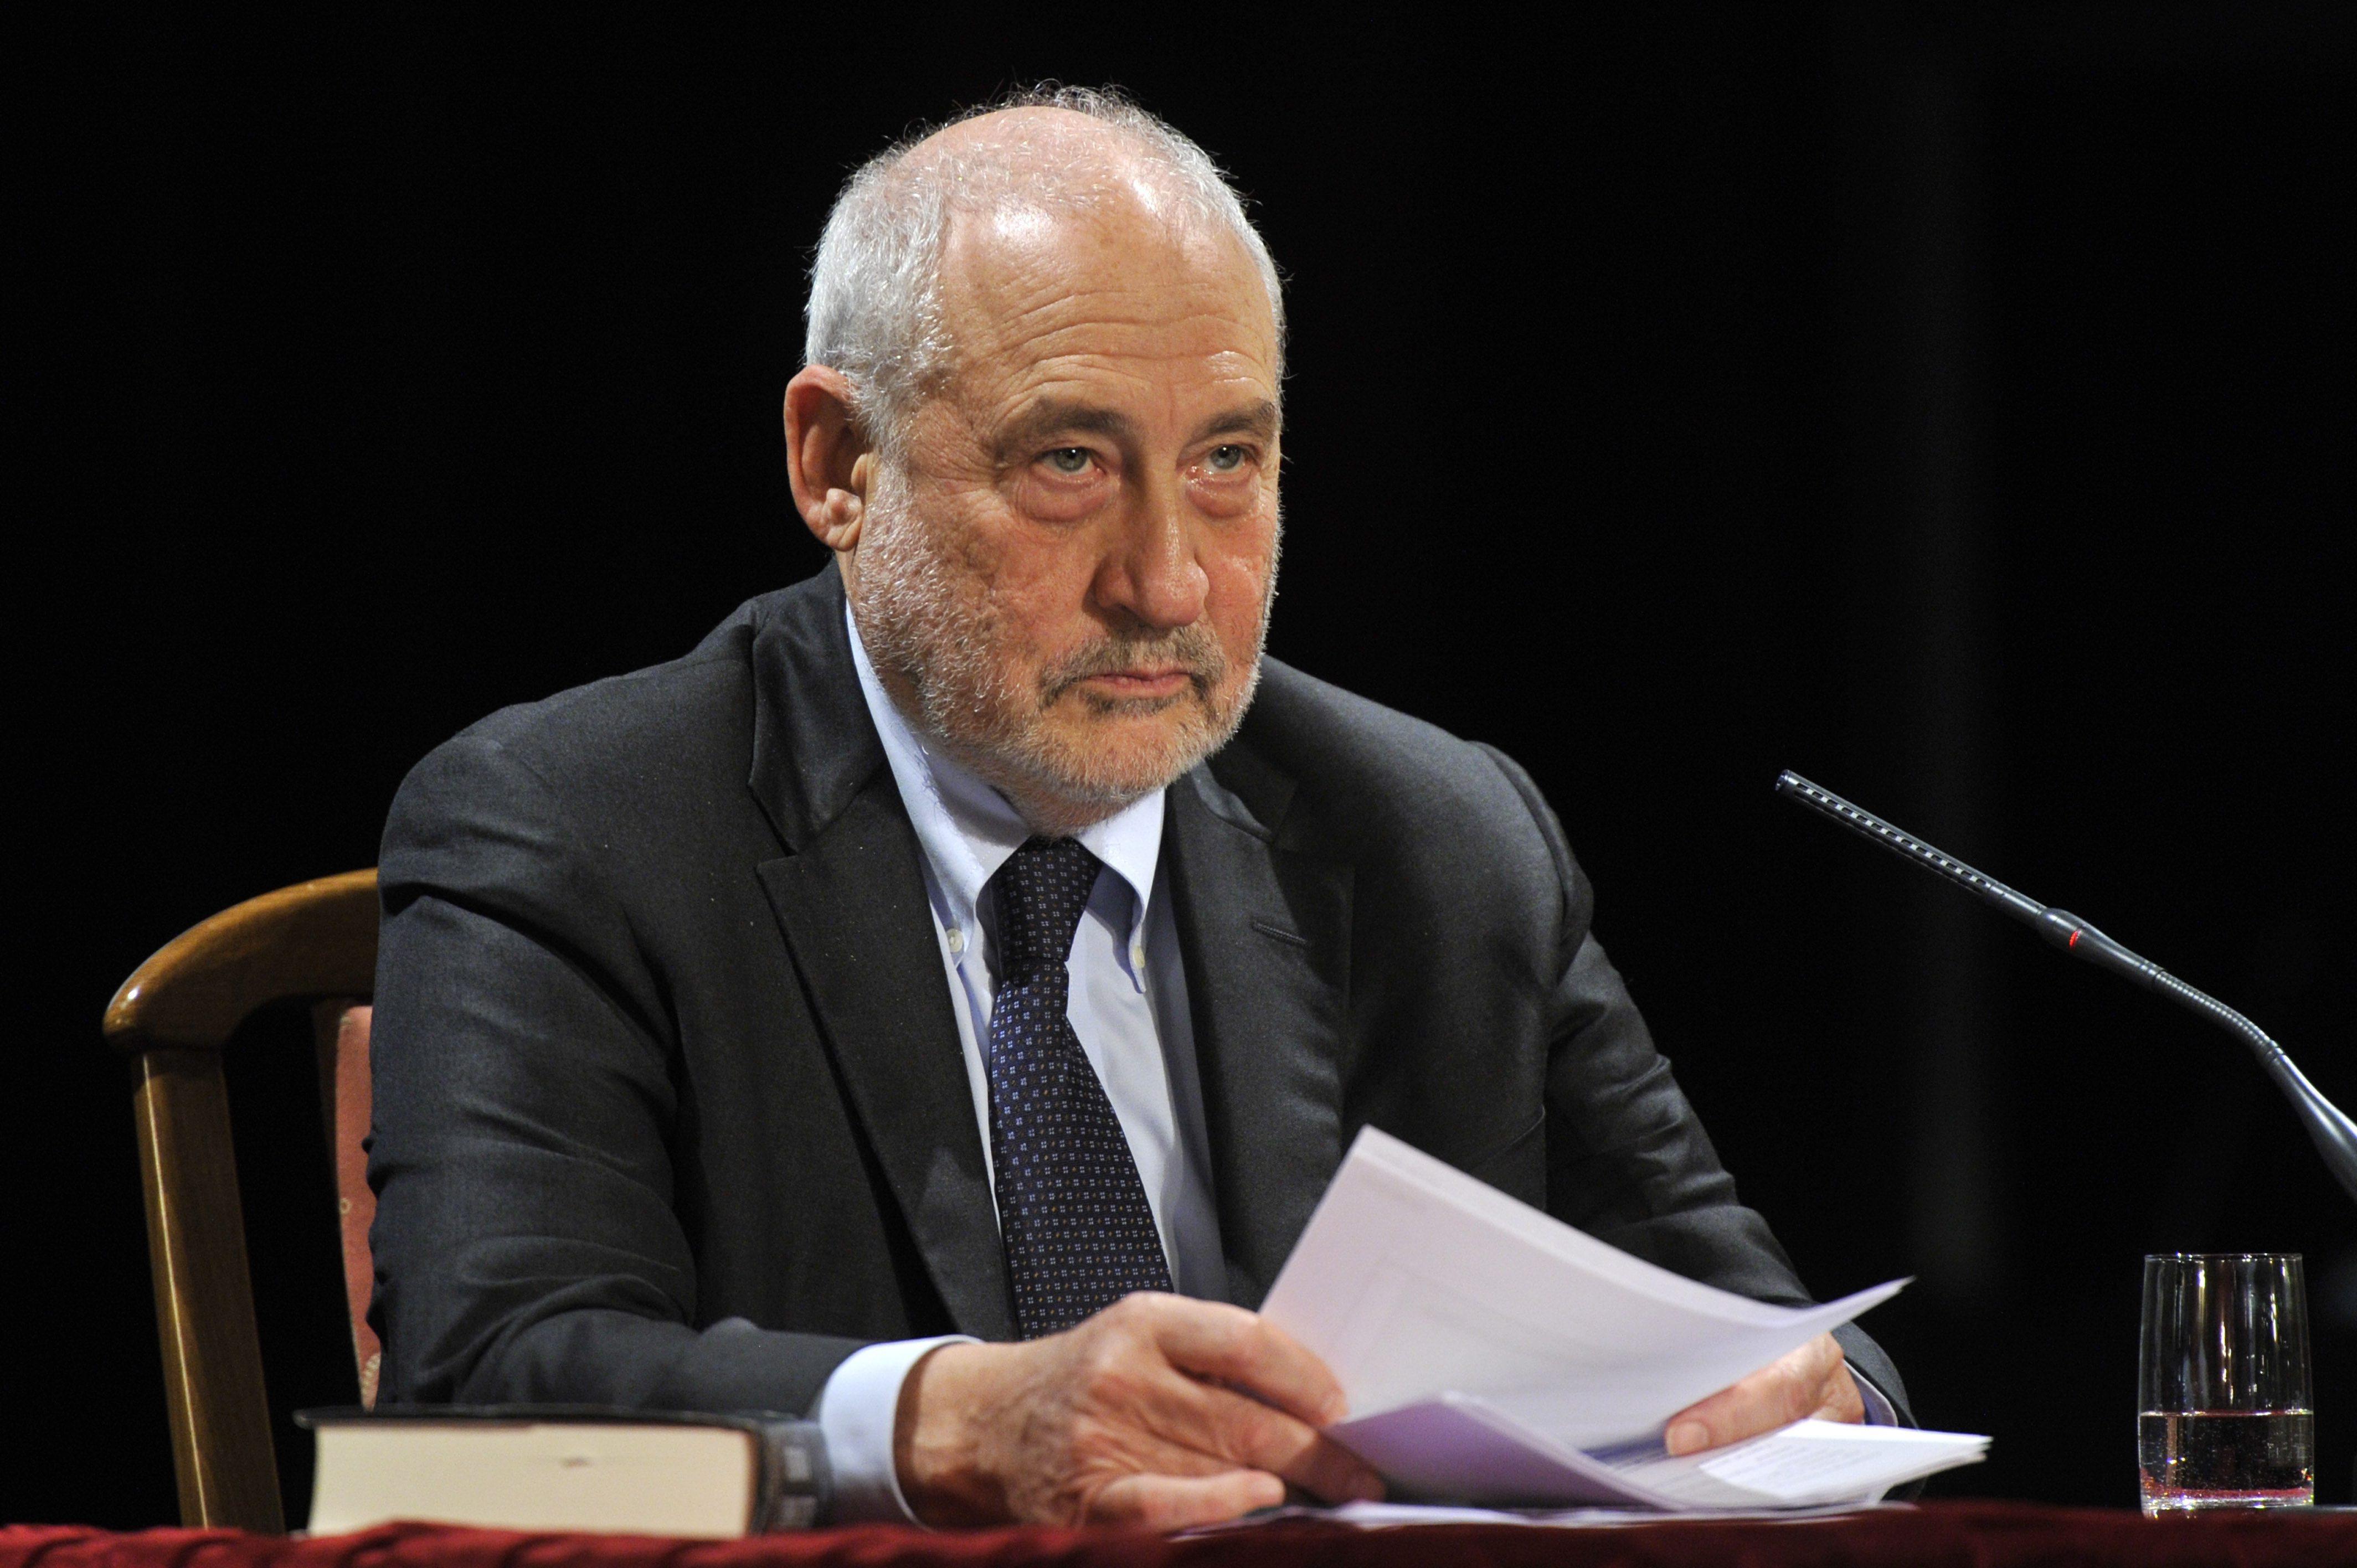 Joseph E. Stiglitz szerint a klímaváltozás világában is bőven menthető a kapitalizmus